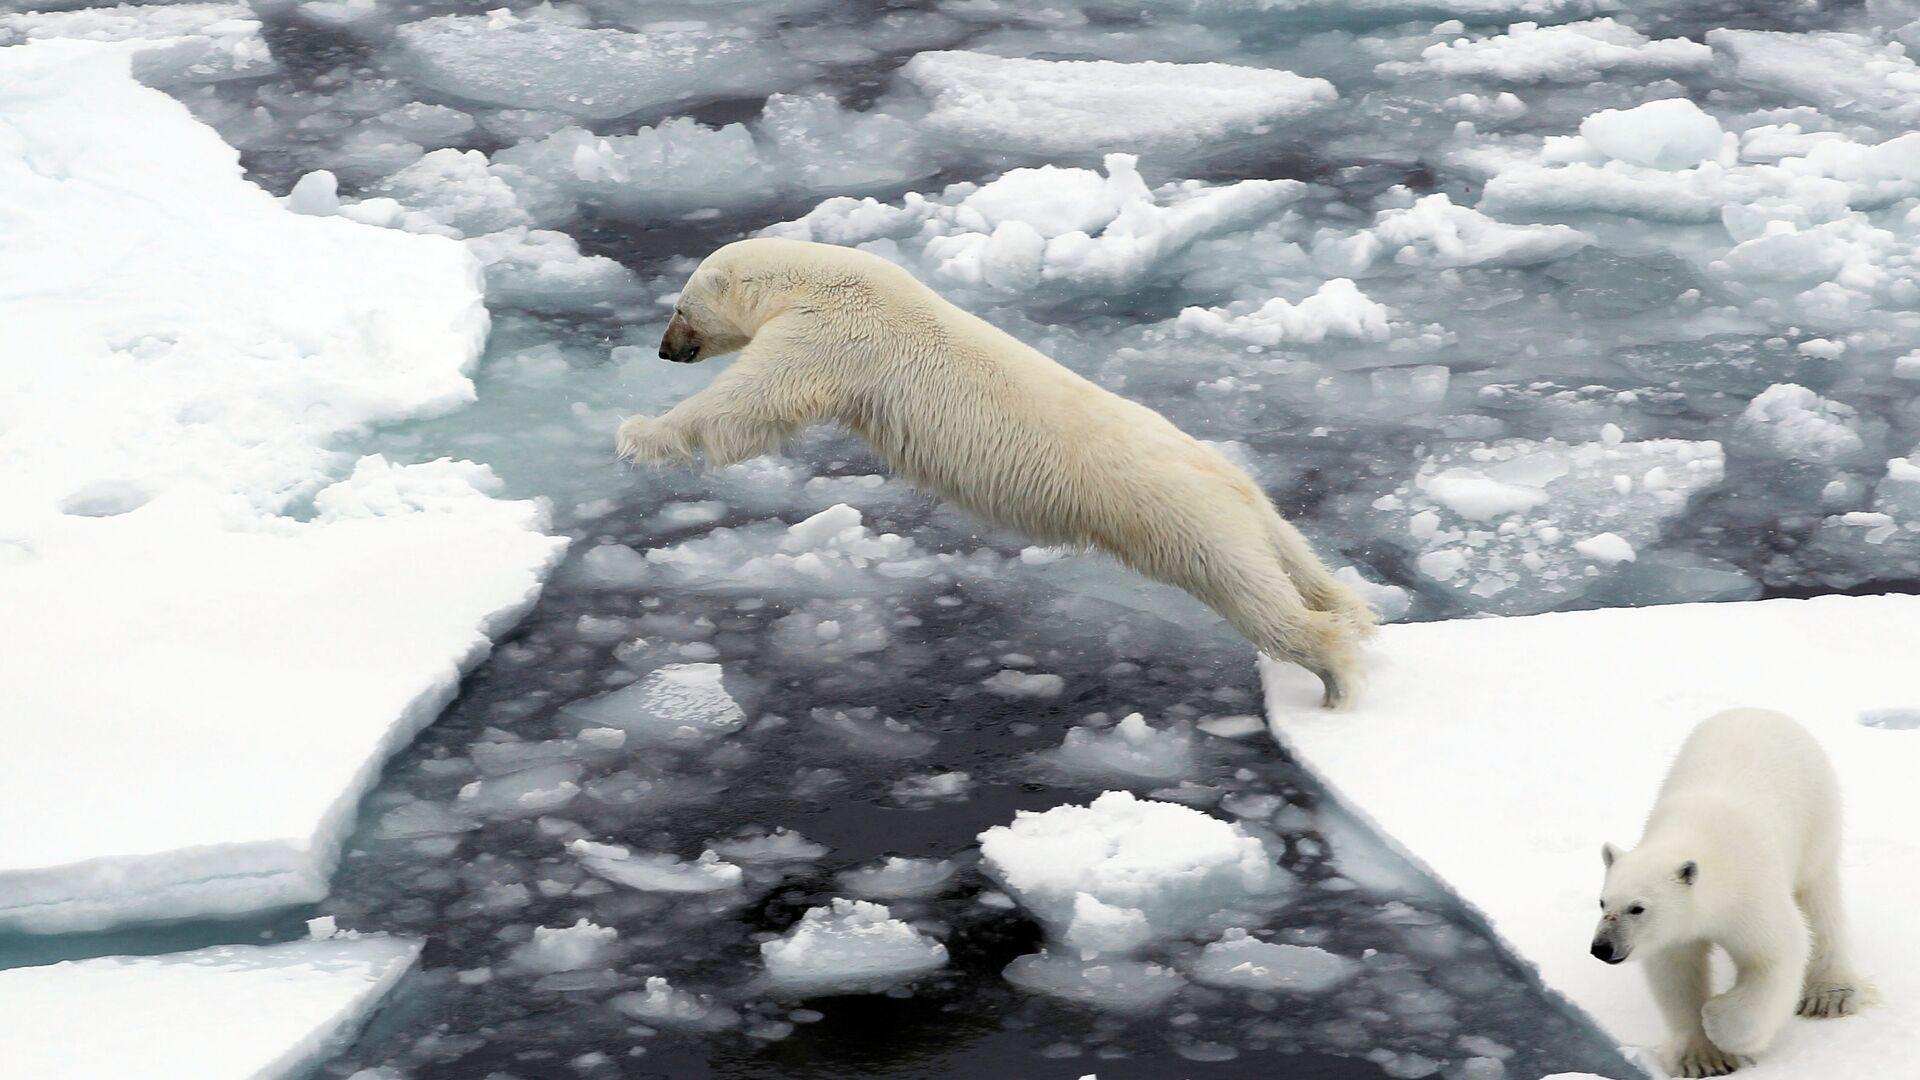 Lední medvědi na ledových krách v Severním ledovém oceánu. Ilustrační foto - Sputnik Česká republika, 1920, 18.09.2021